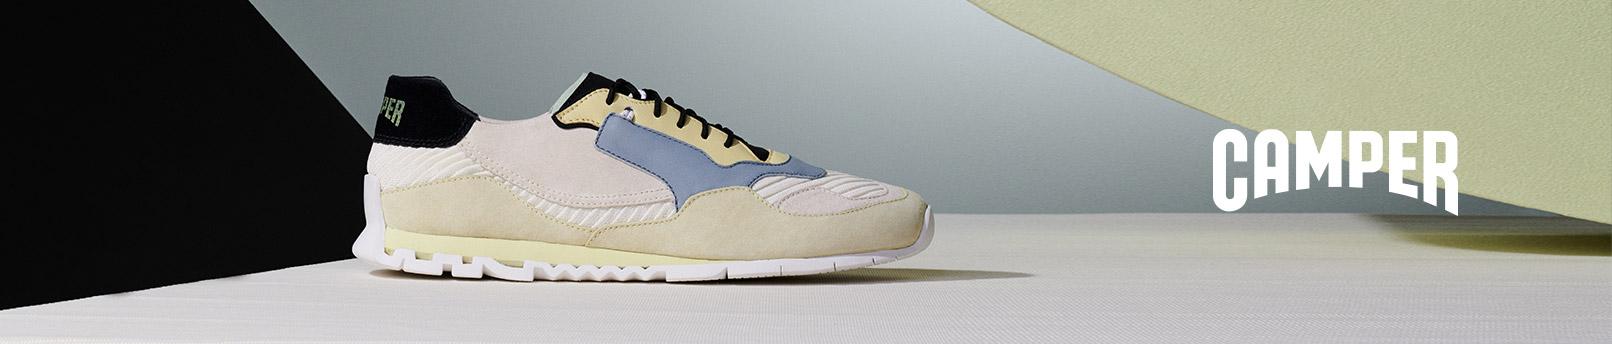 premium selection fbe34 faa69 Sneakers da donna   Scoprile su Zalando